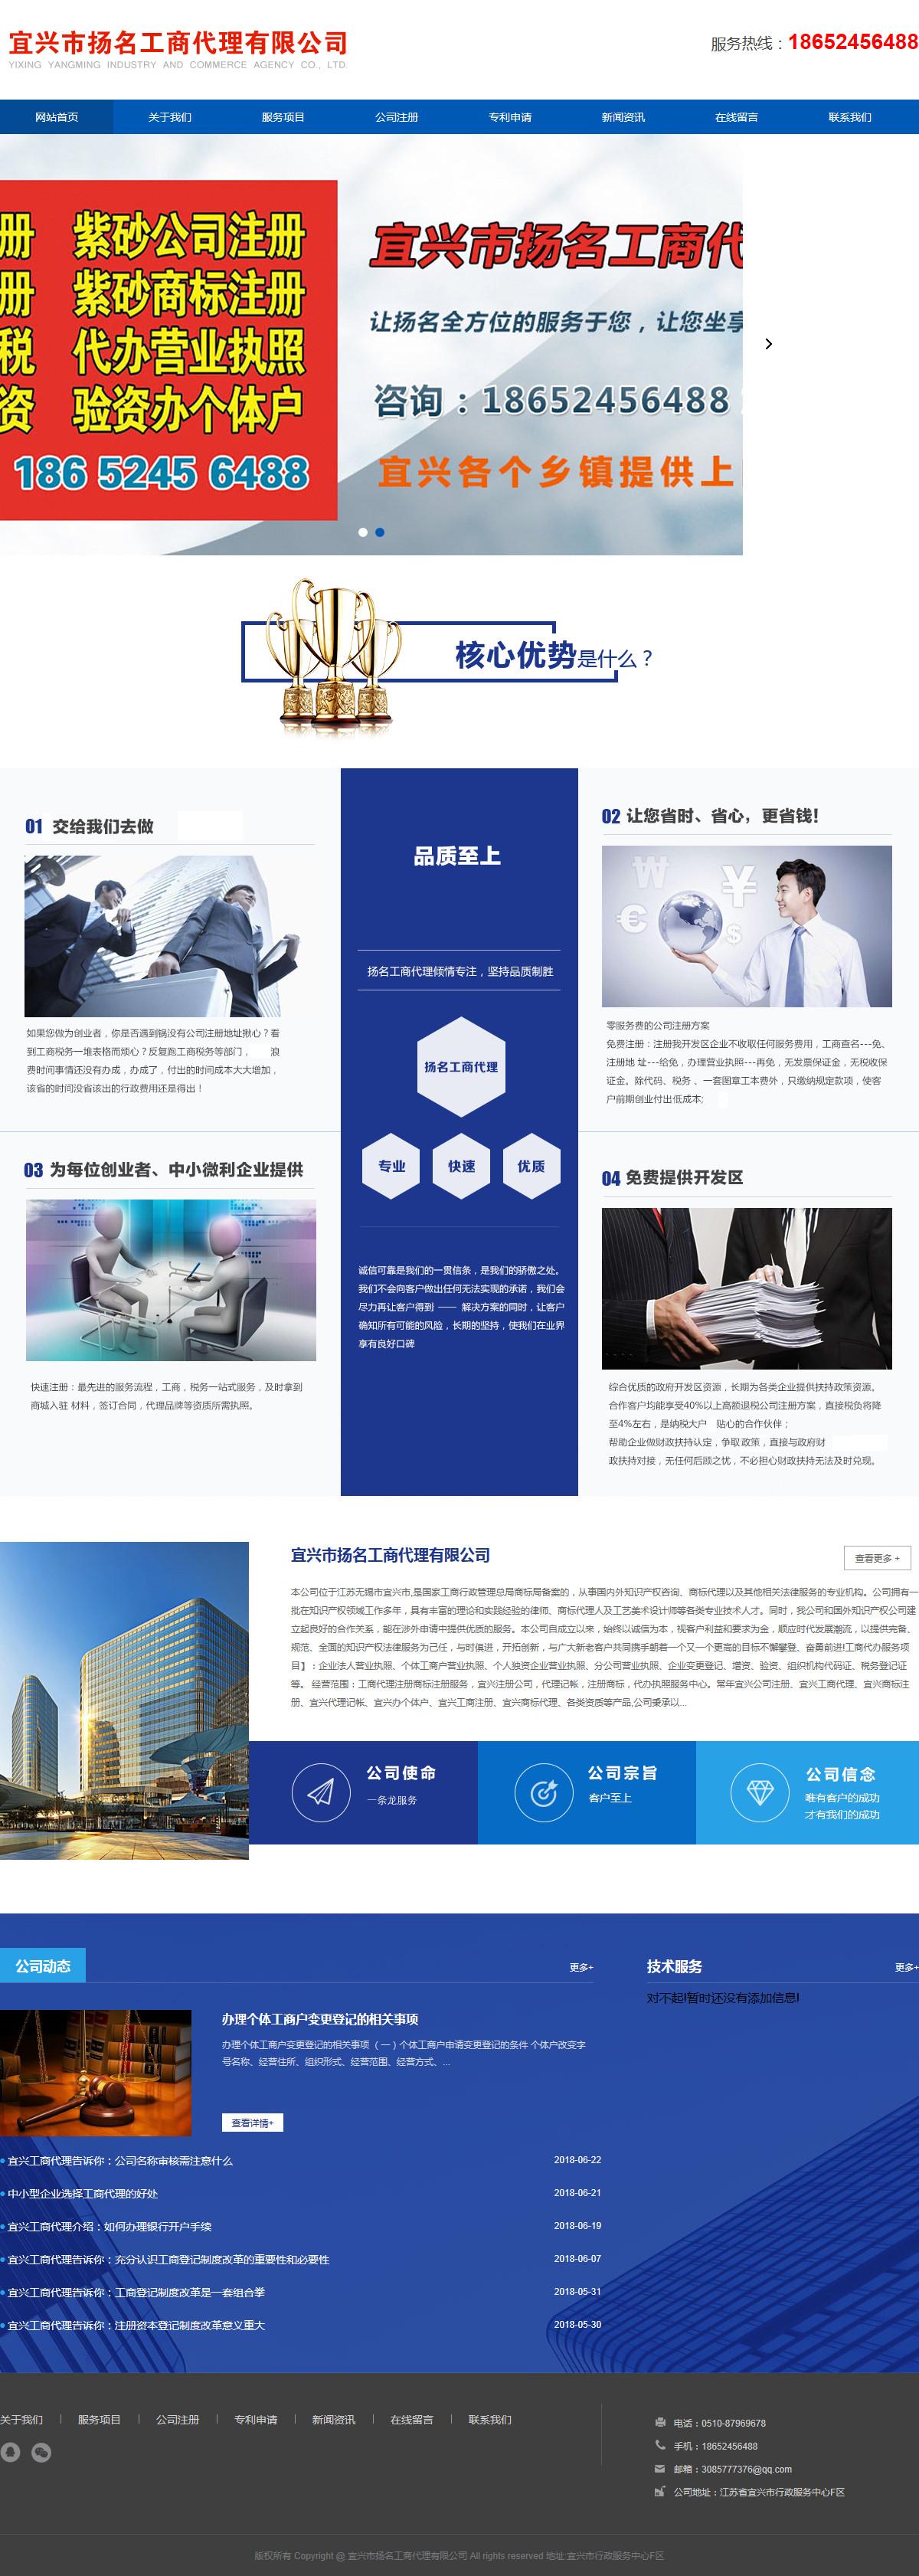 宜兴扬名工商-www.yxgsdl.com